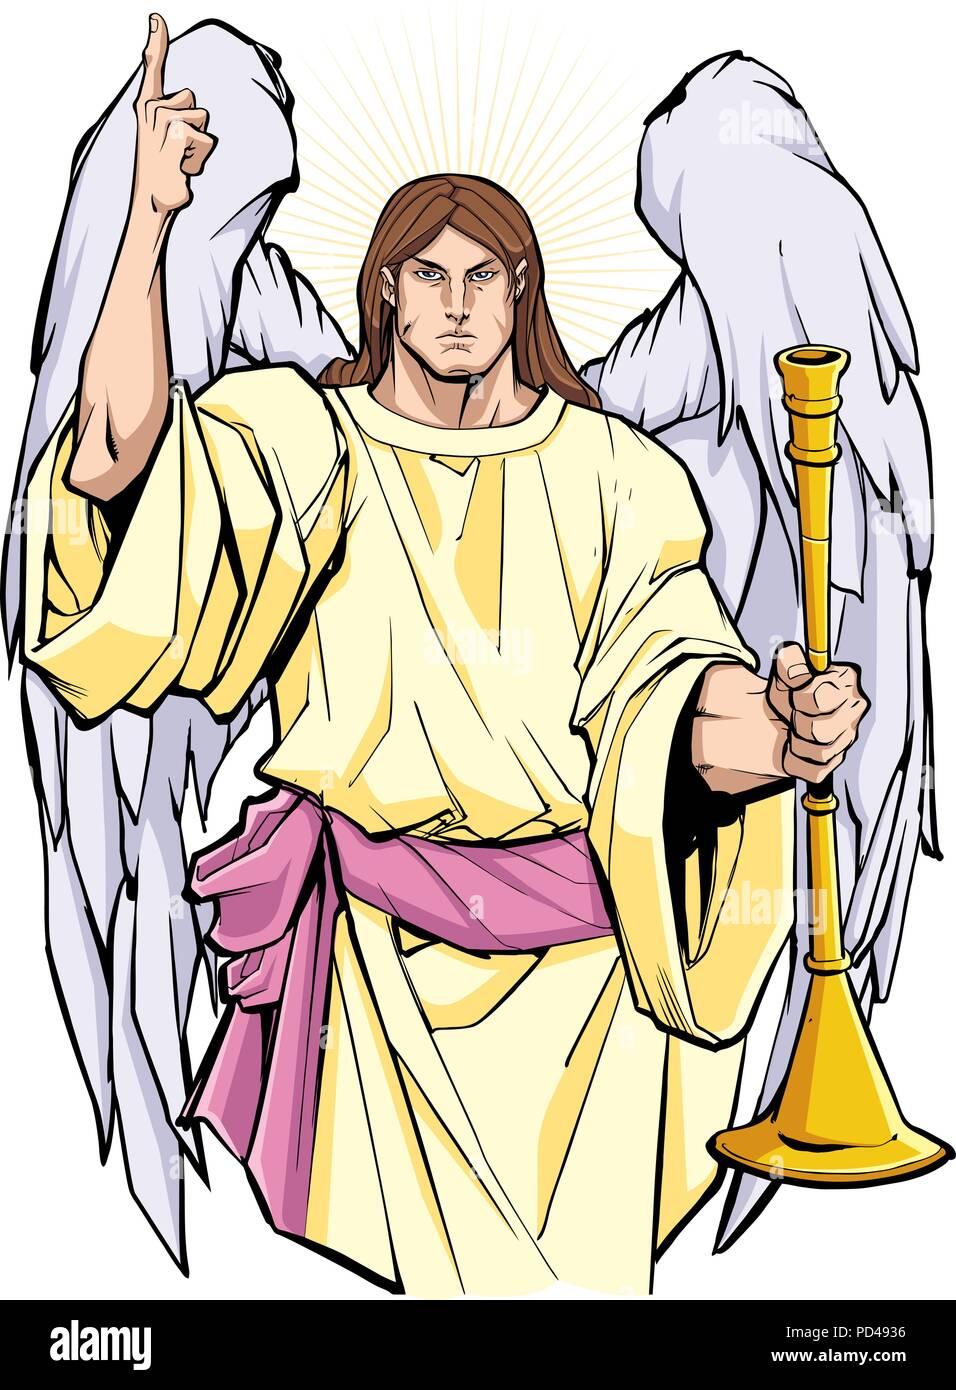 Archangel Gabriel Portrait - Stock Image